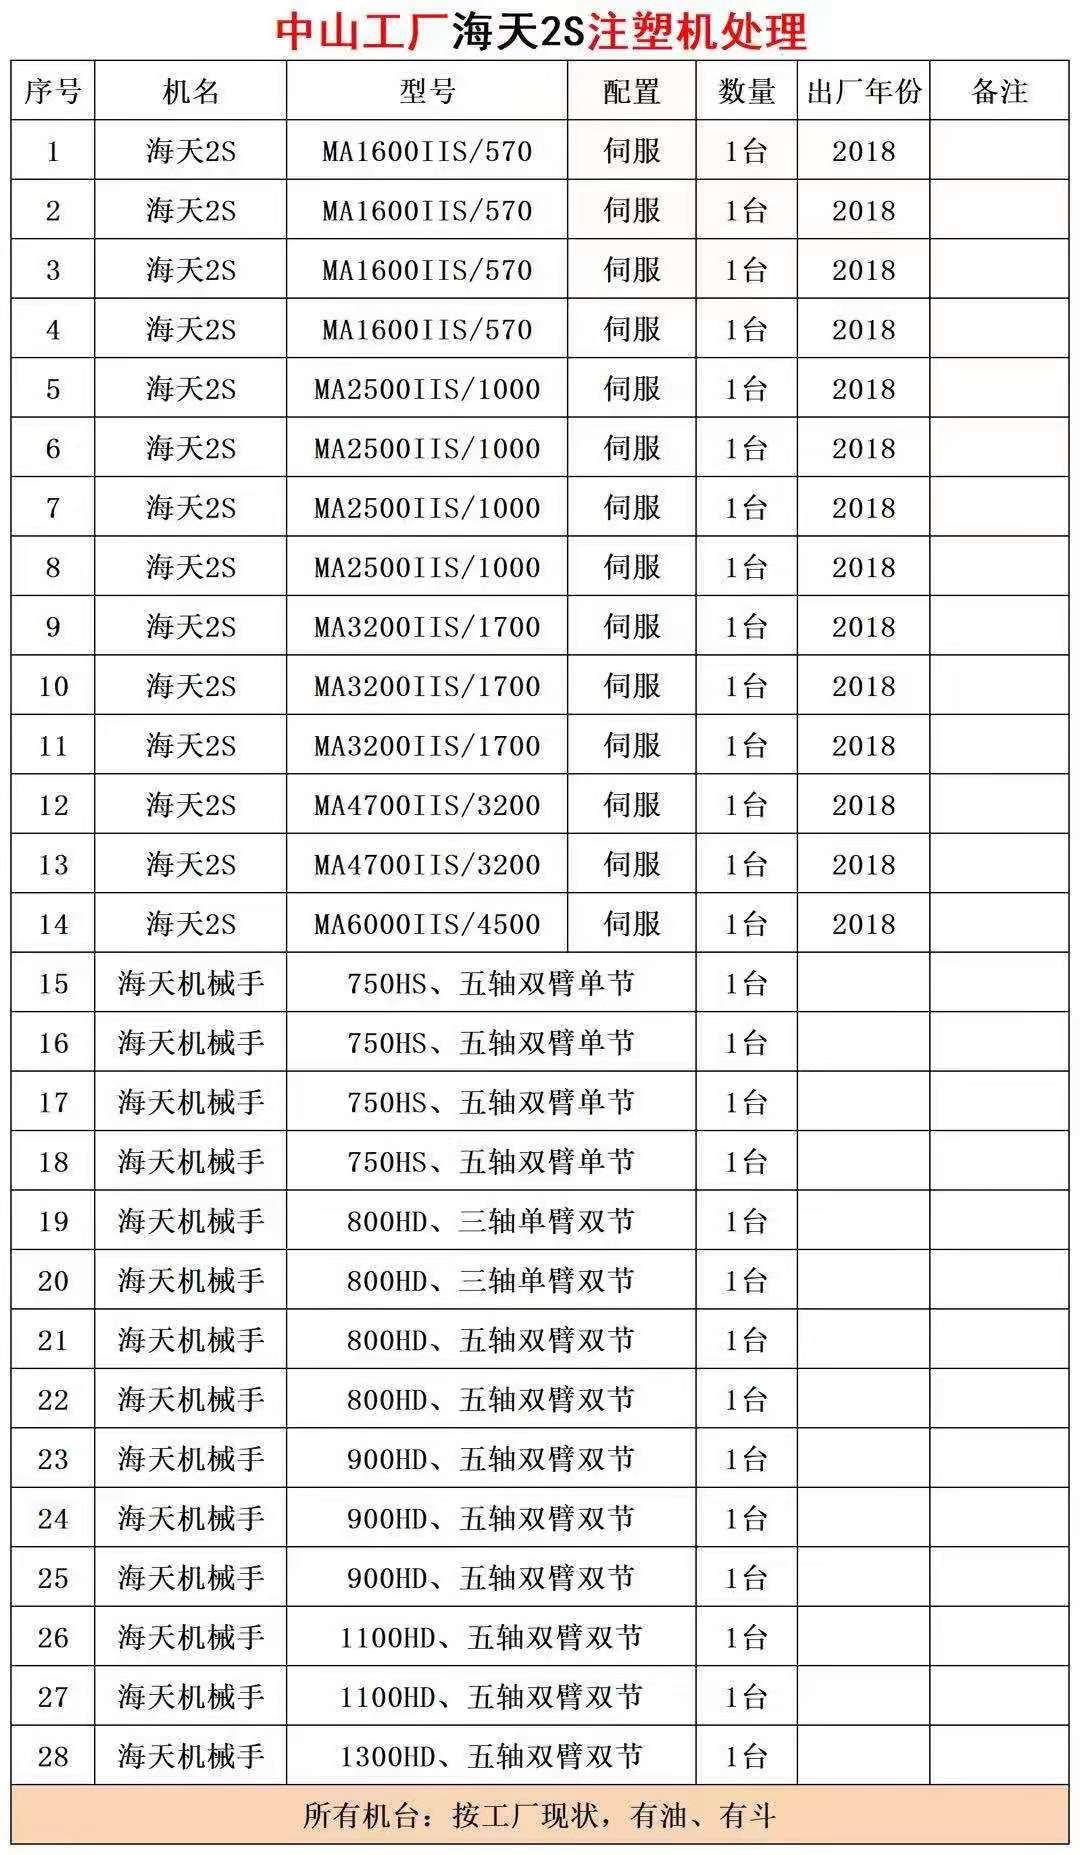 出售海天伺服注塑机2S系列MA:160顿250吨320吨470顿600顿